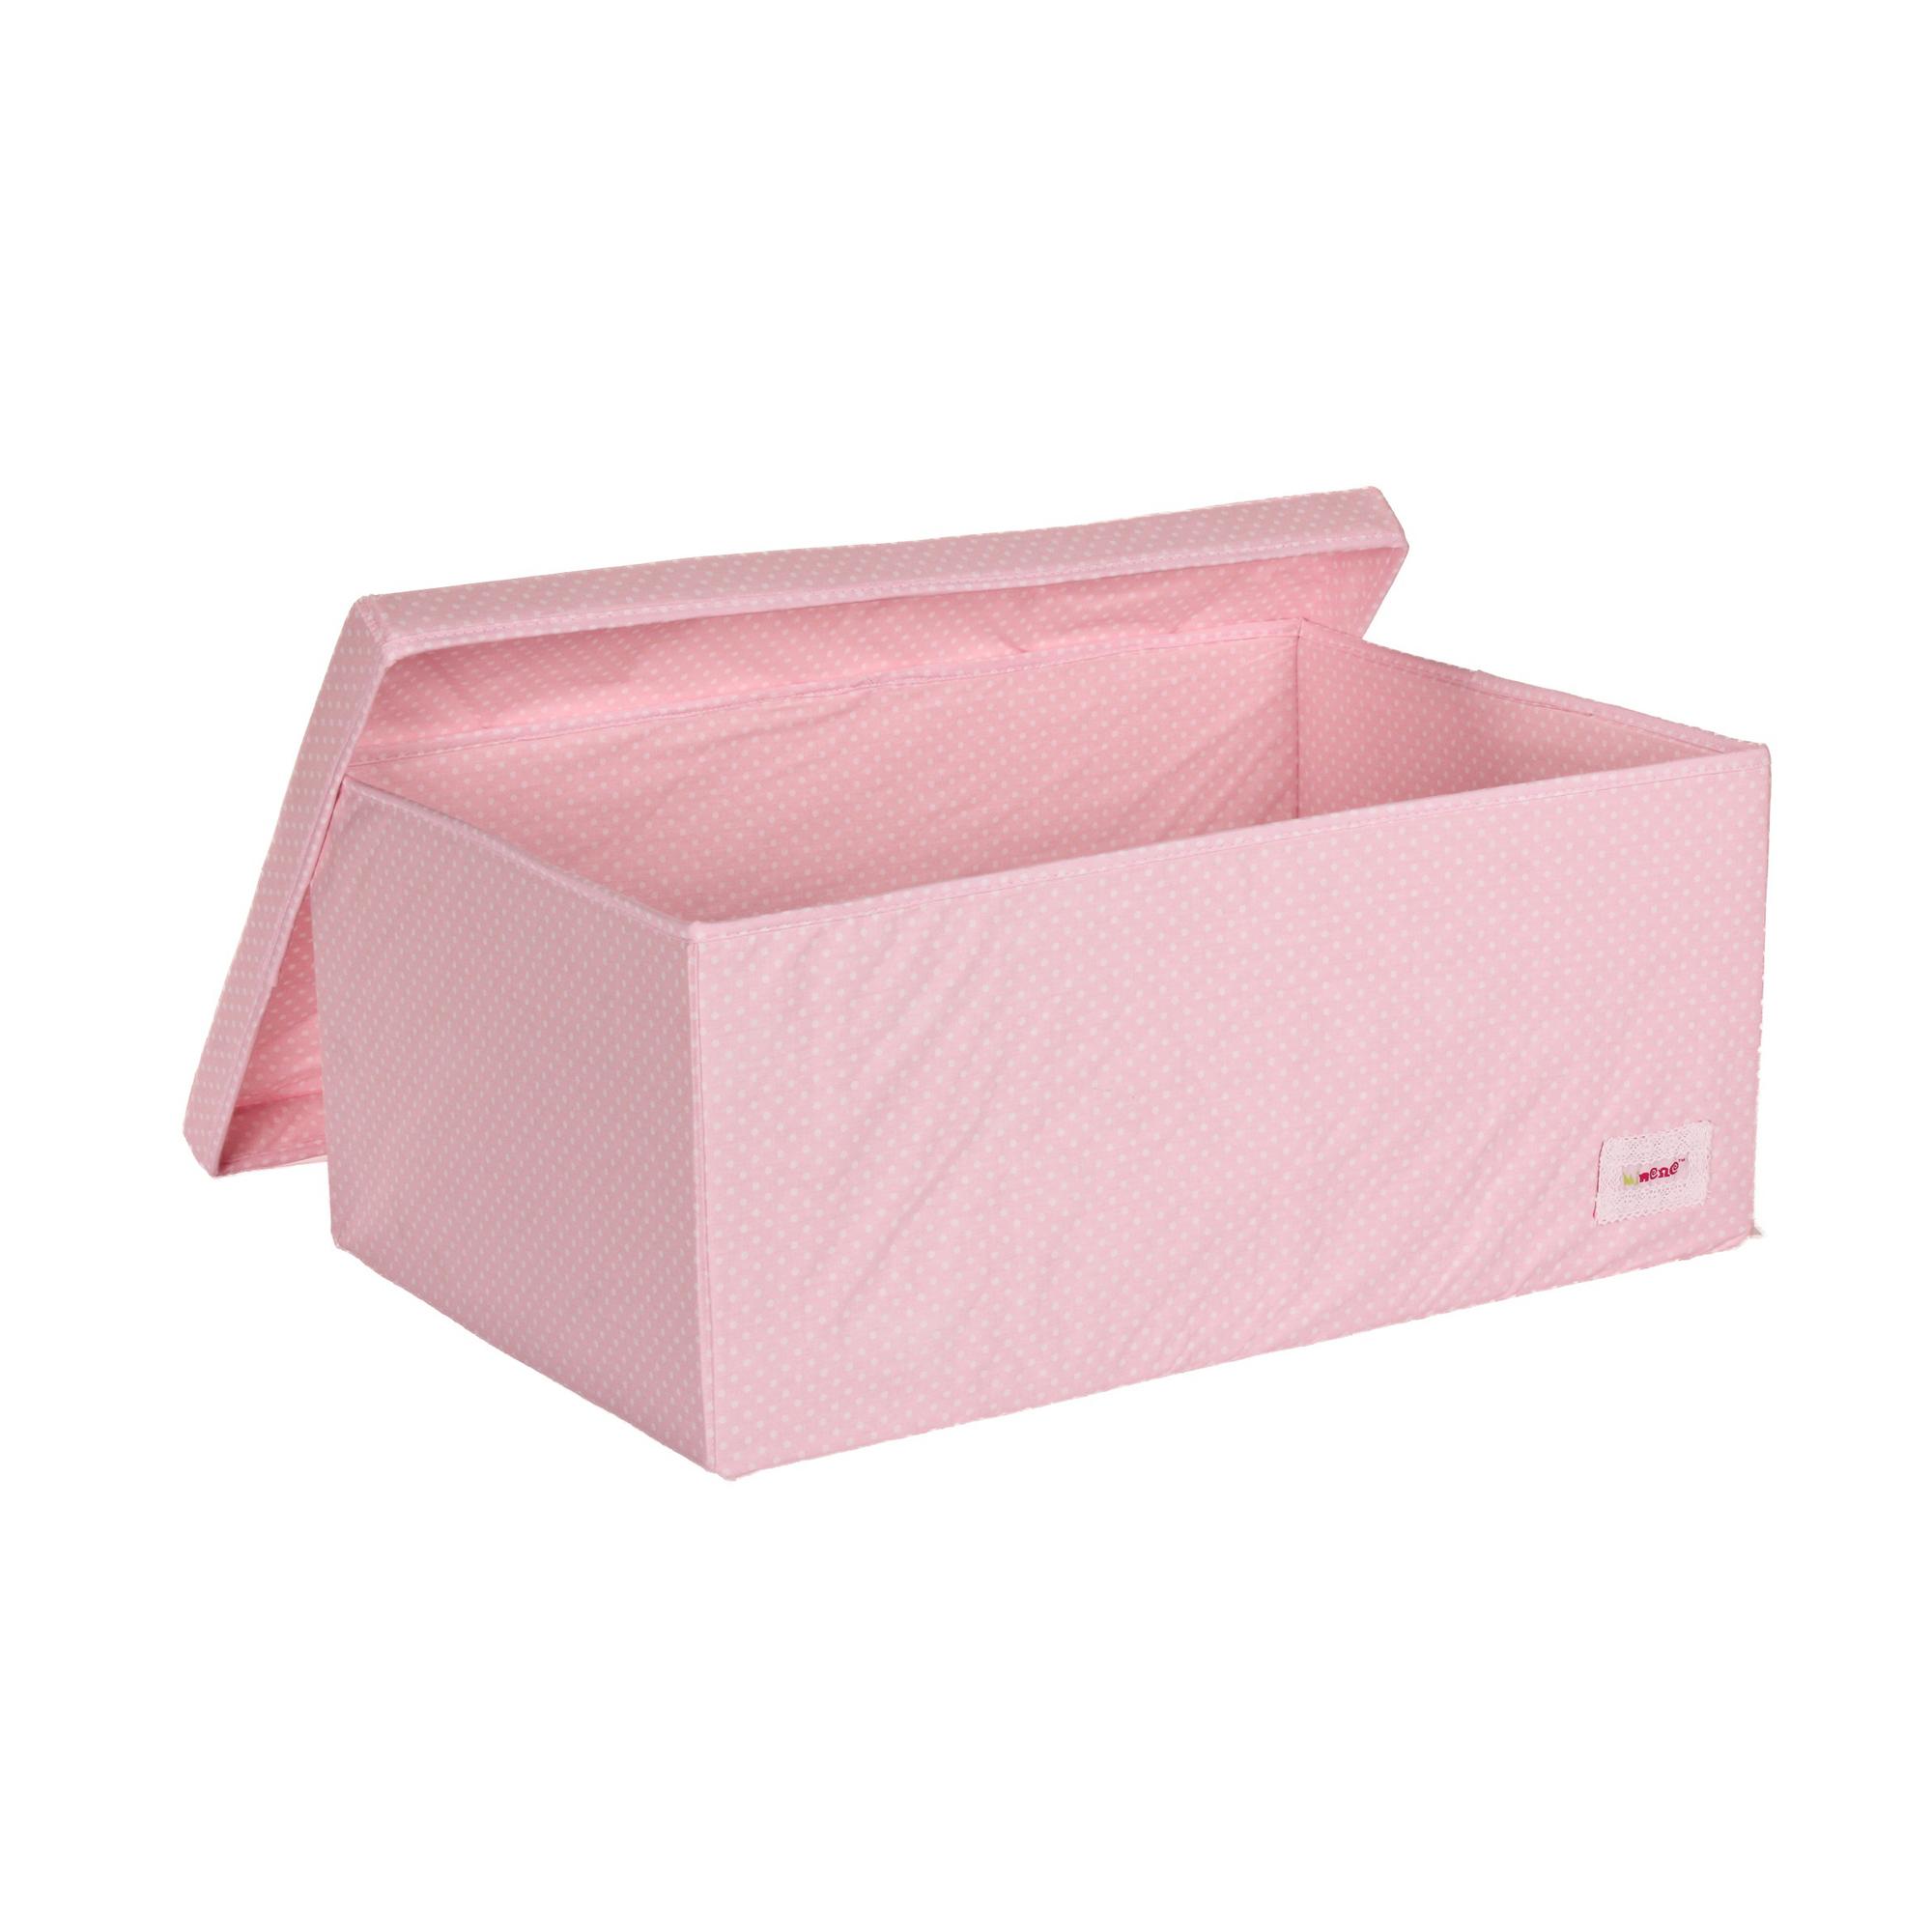 Minene Big Storage Box Pink With Polka Dots